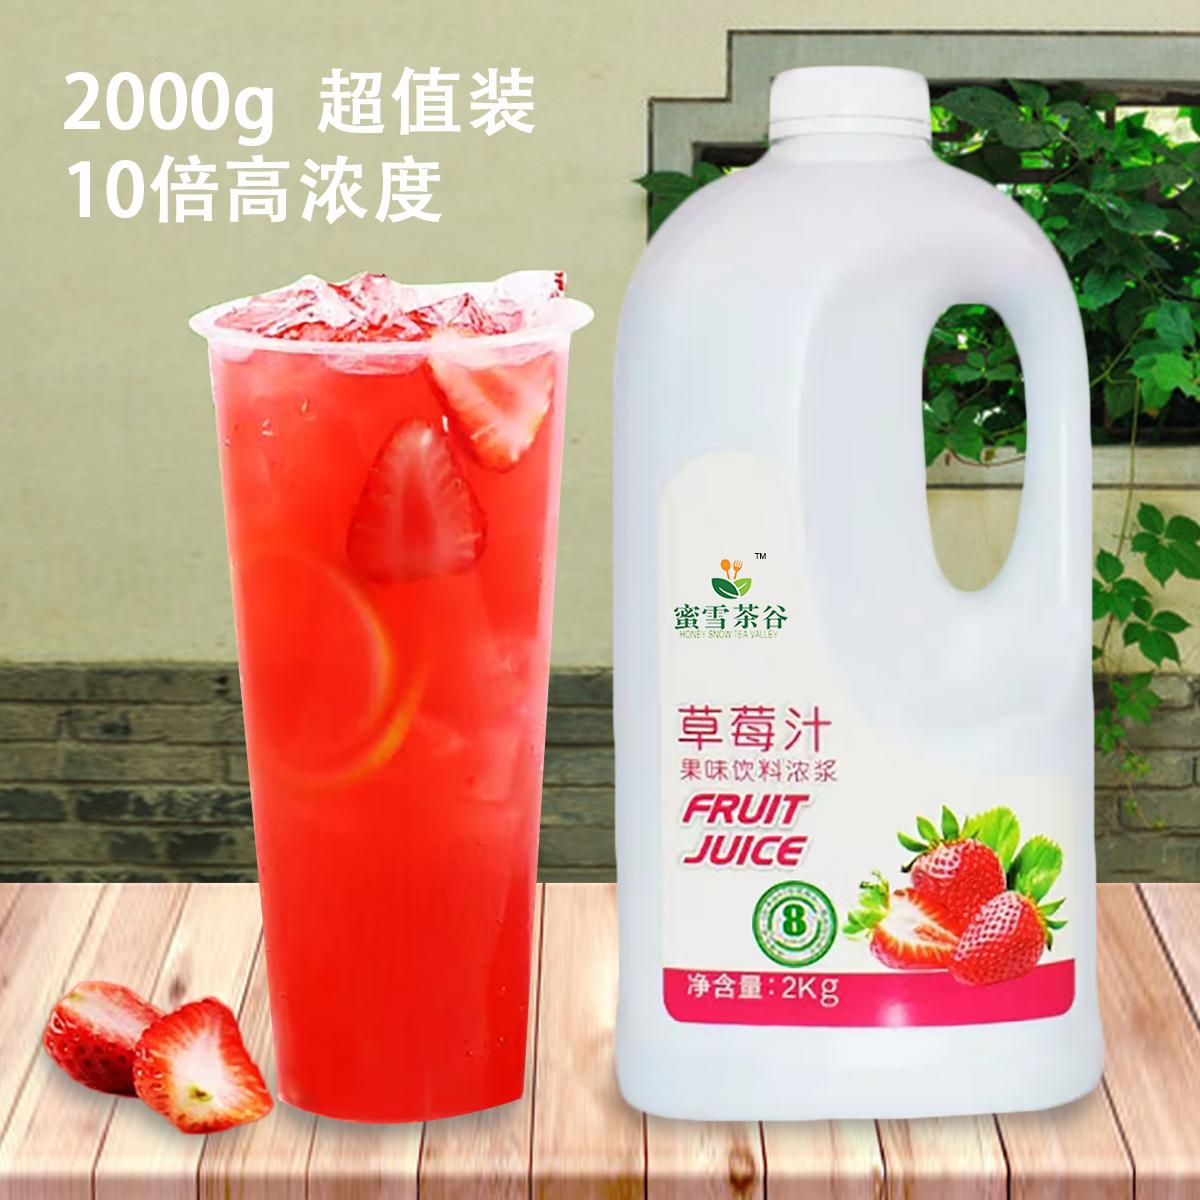 2kg浓缩果汁草莓柳橙味商用水吧饮品店珍珠奶茶原料 浓浆果味饮料